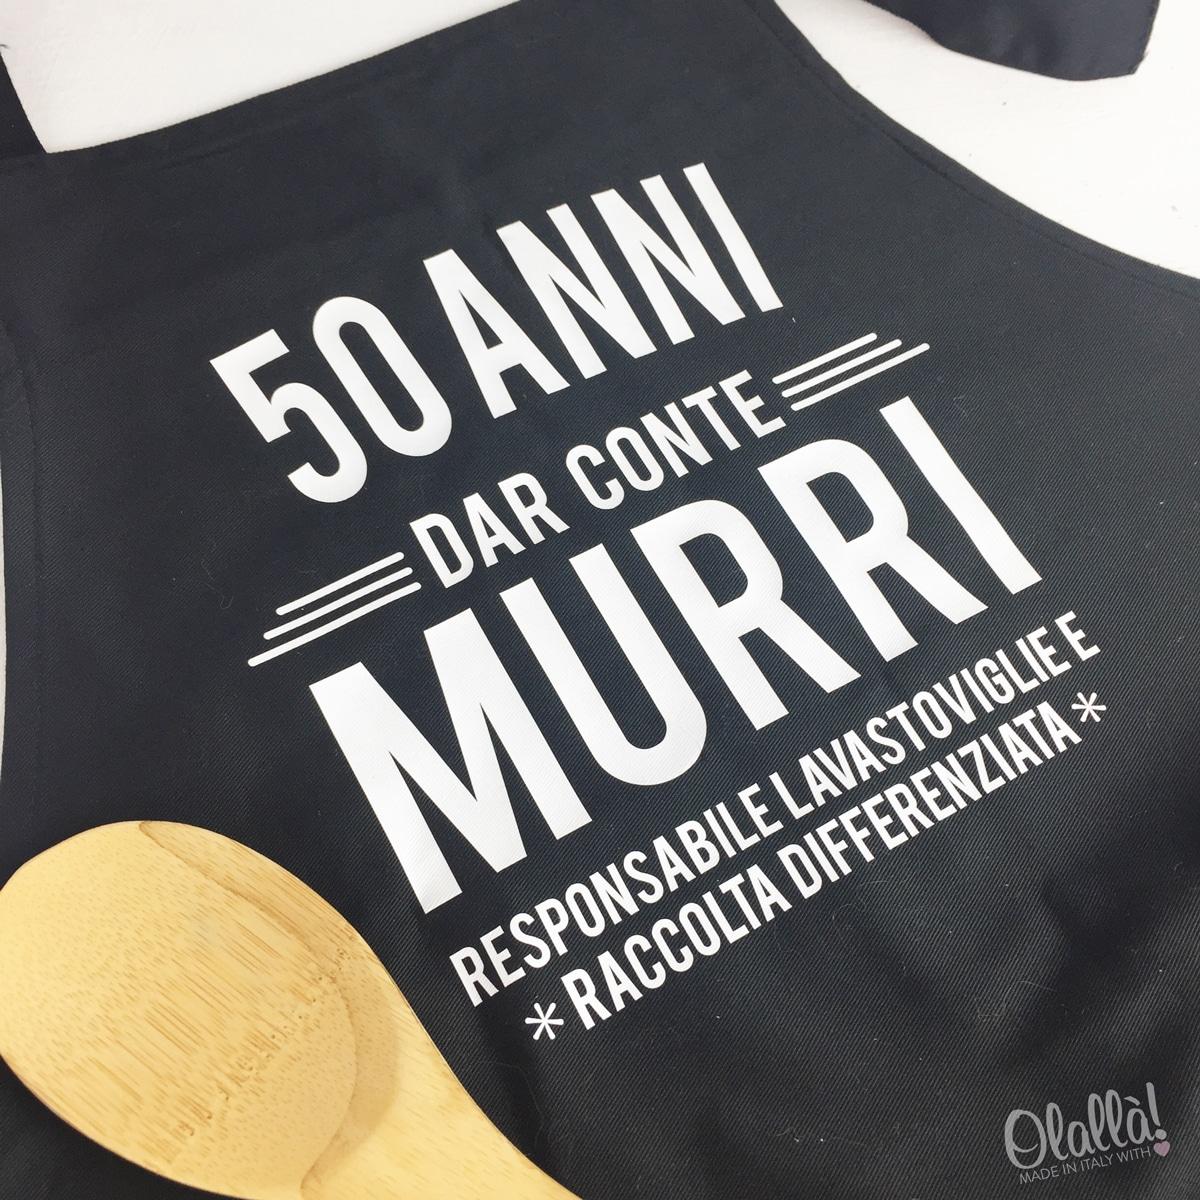 Grembiule da cucina stampato personalizzato idea regalo 50 anni olalla - Grembiule cucina personalizzato ...